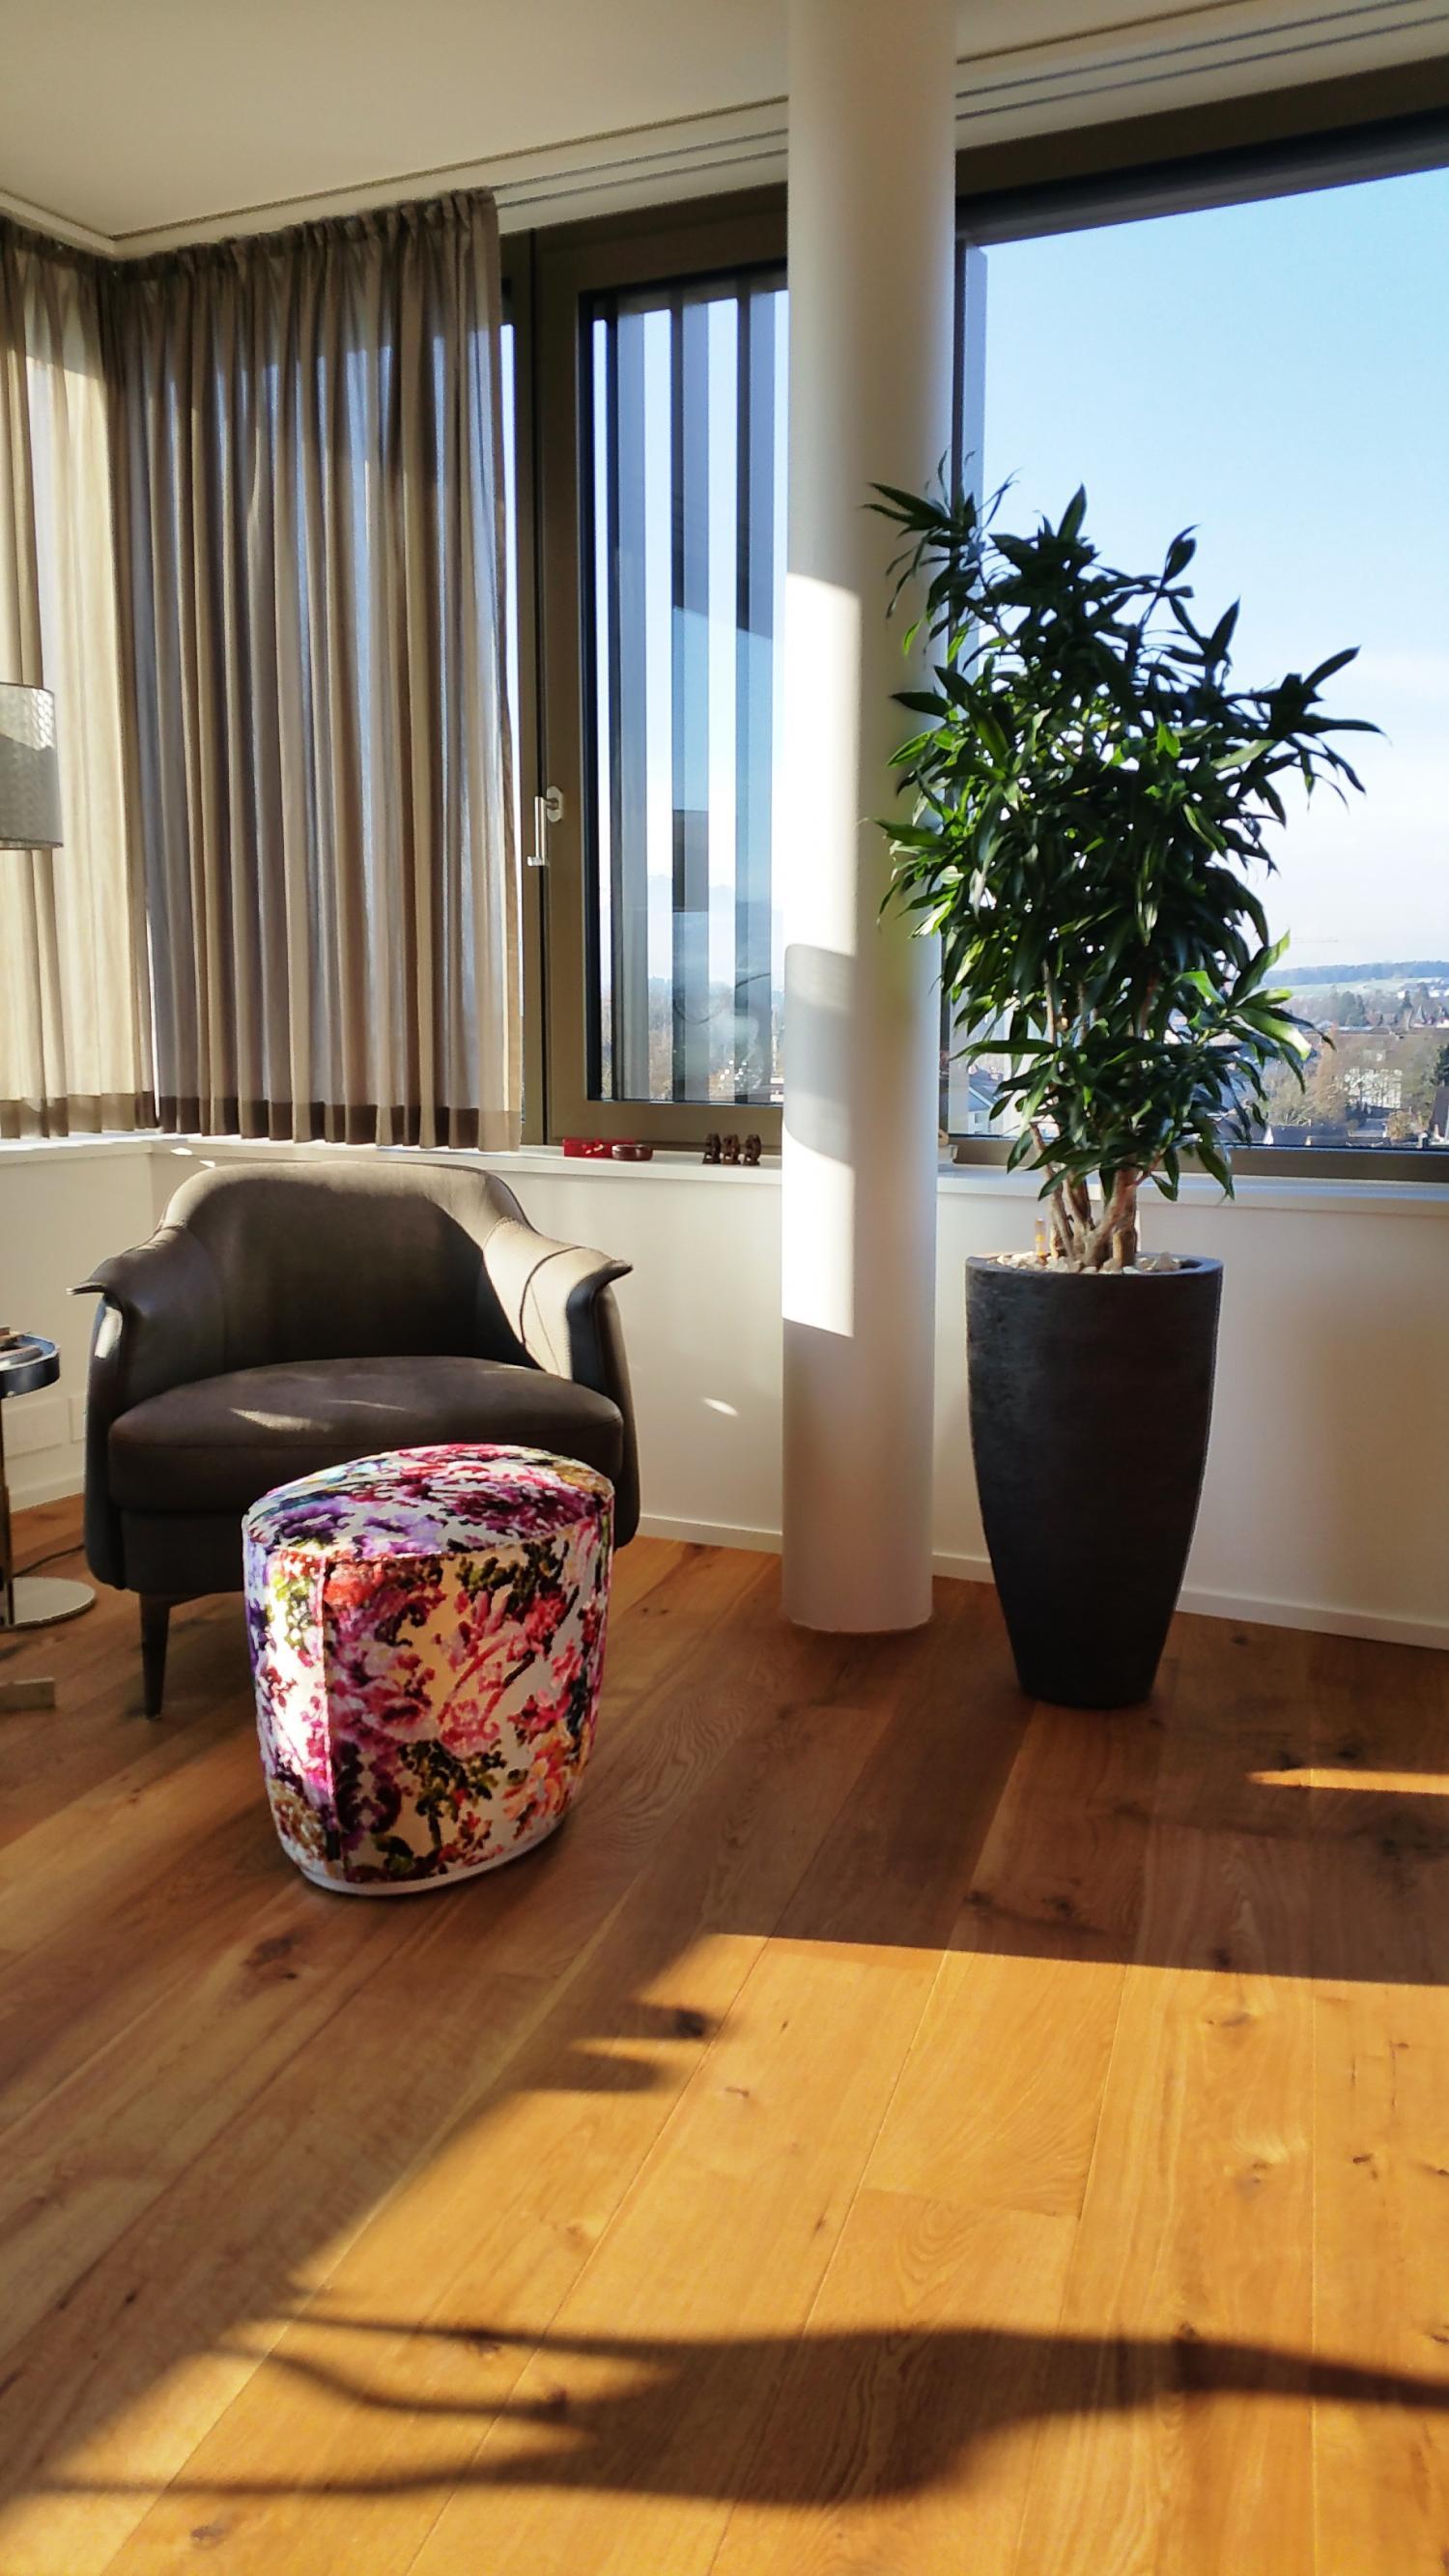 wohnzimmer pflanzen | jtleigh - hausgestaltung ideen